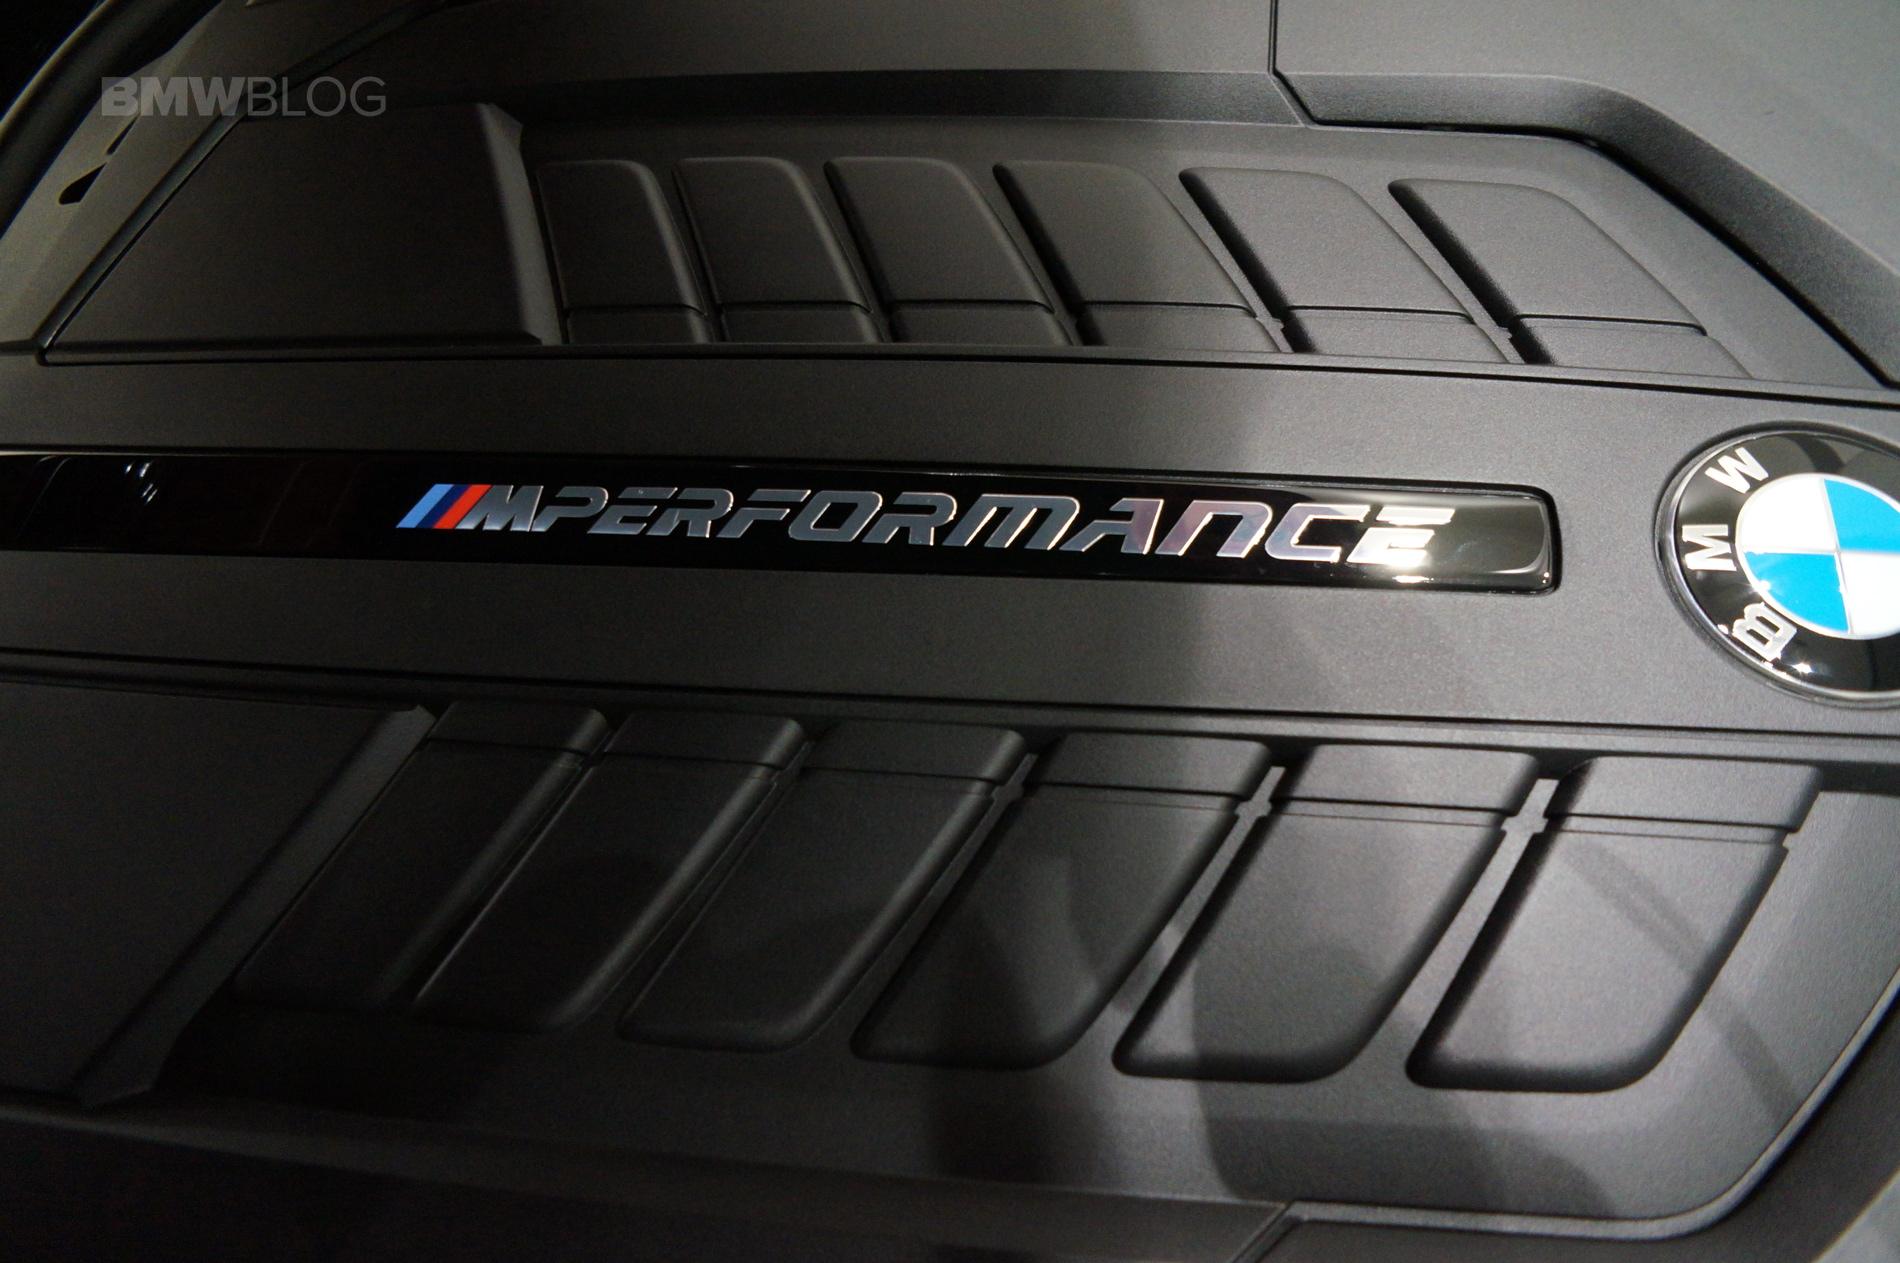 Imola Red BMW M760Li Century West BMW 48